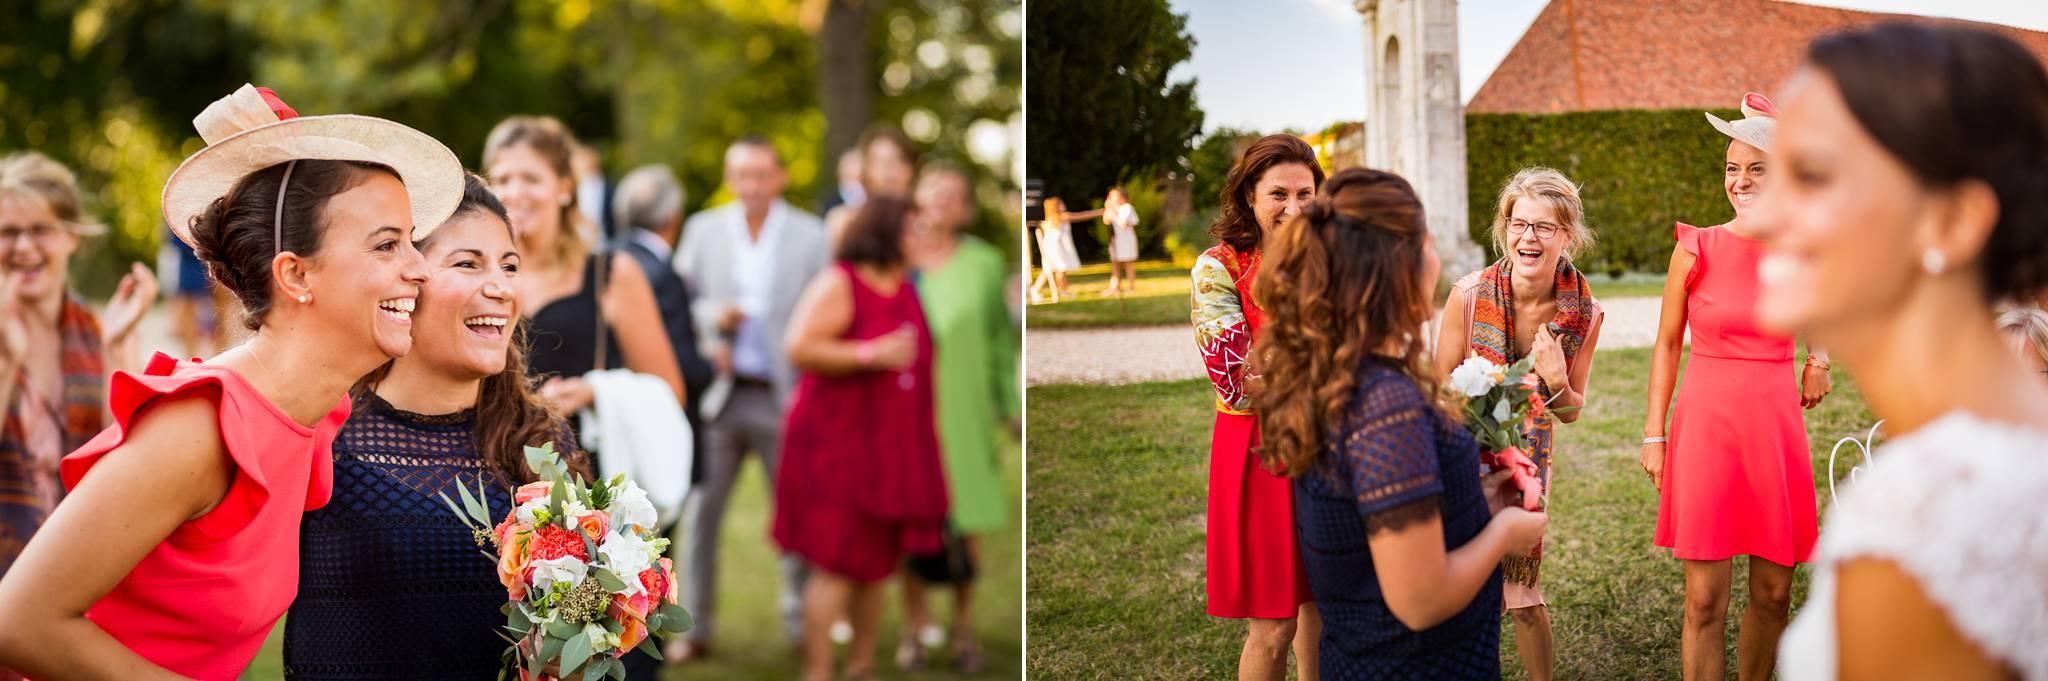 Le reportage photo de reportage du mariage civil et religieux à Vernon, puis au Chateau de Bonnemare en Normandie, avec Victoria et Baptiste.